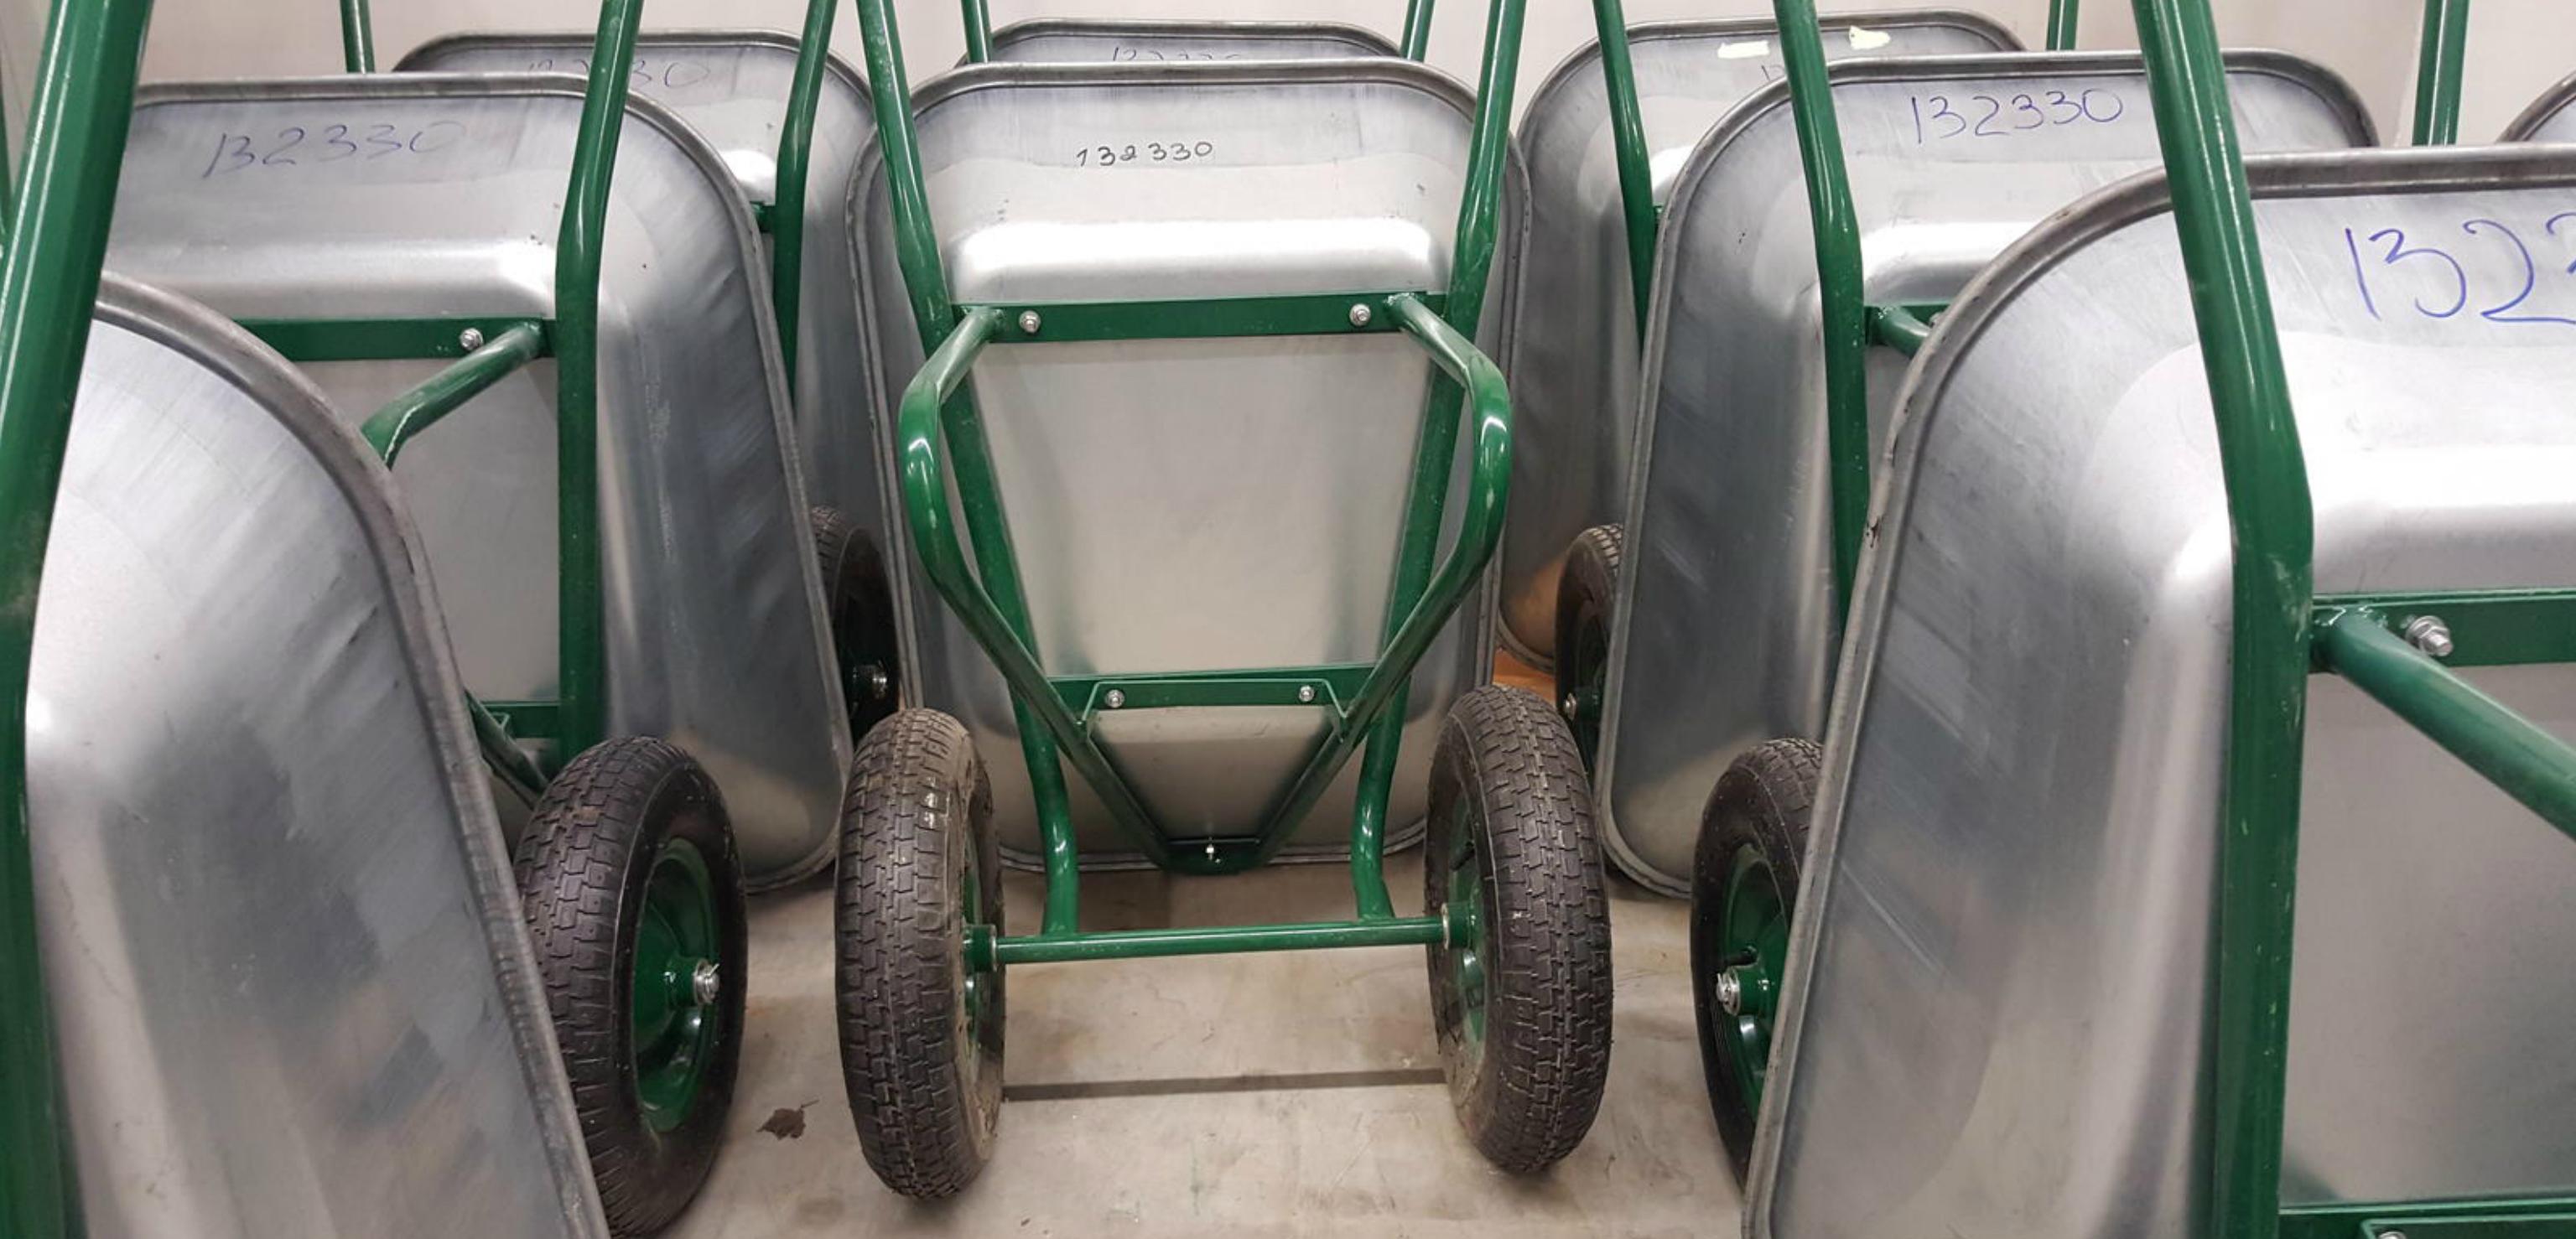 Wheelbarrow production line complete plant agricultural wheelbarrow garden wheebarrow